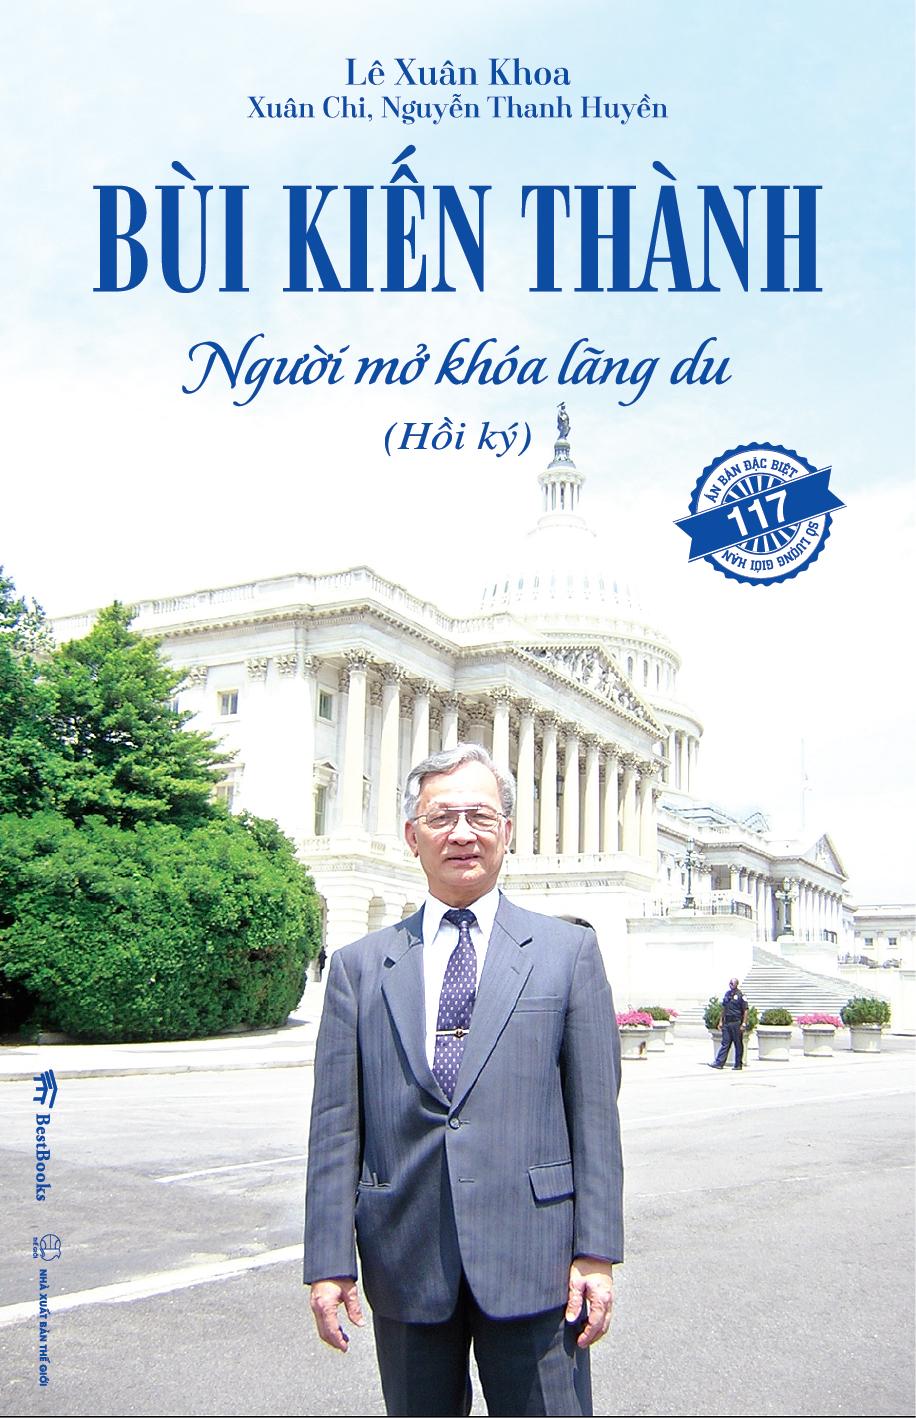 Hoi ky Bui Kien Thanh ban dac biet_Áo bìa 1